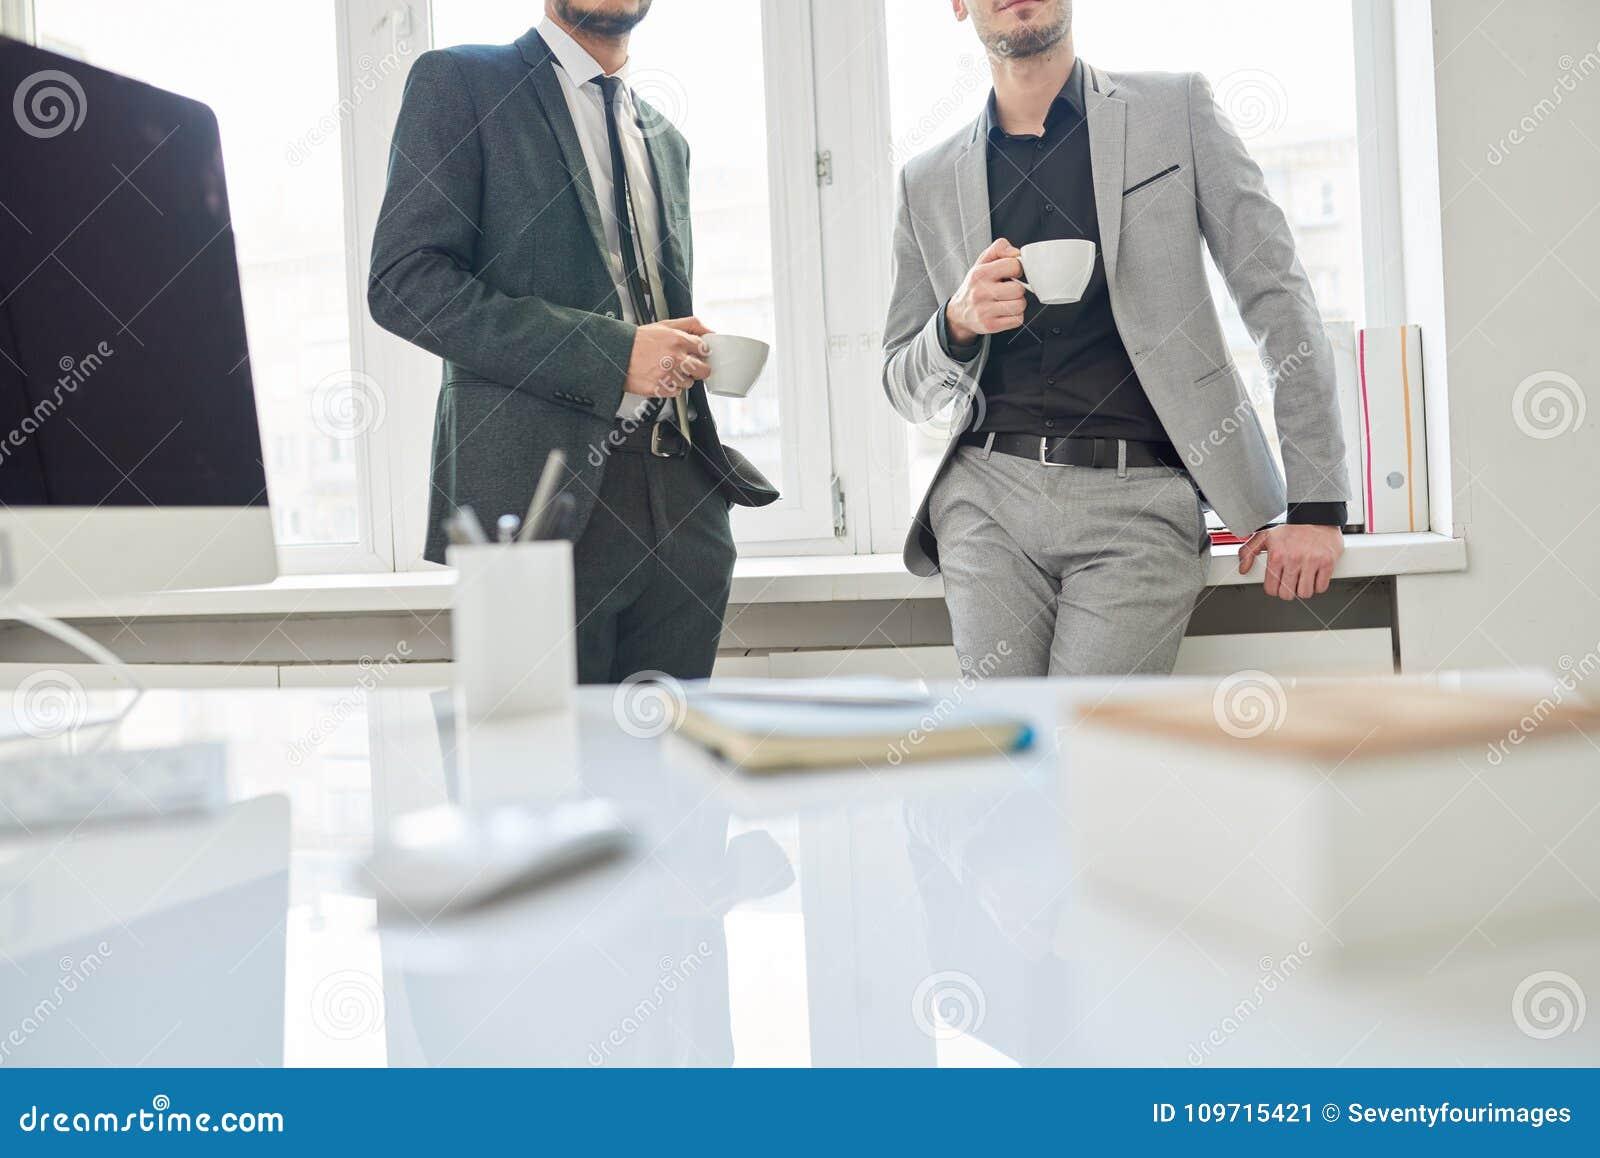 Employés sur la pause-café